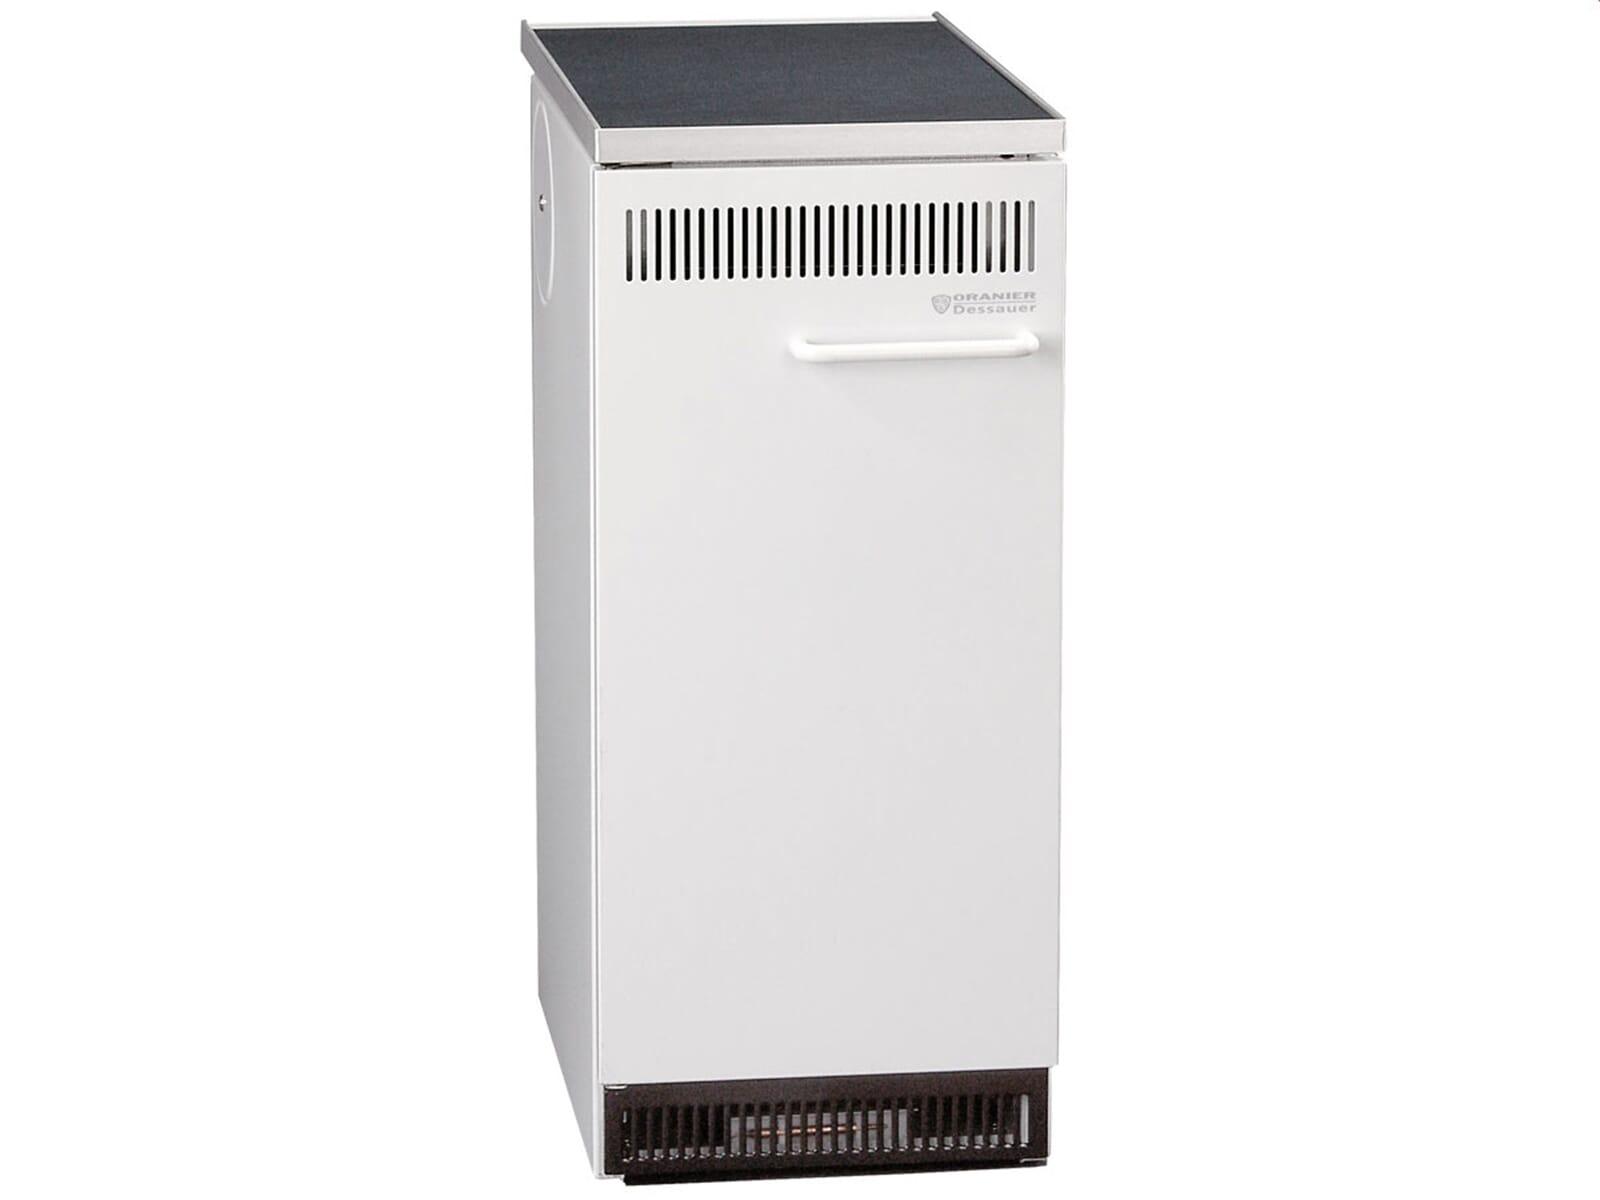 Gorenje Kühlschrank Fehler E6 : Geschirrspüler oranier fehler e spülmaschine heizt nicht mehr